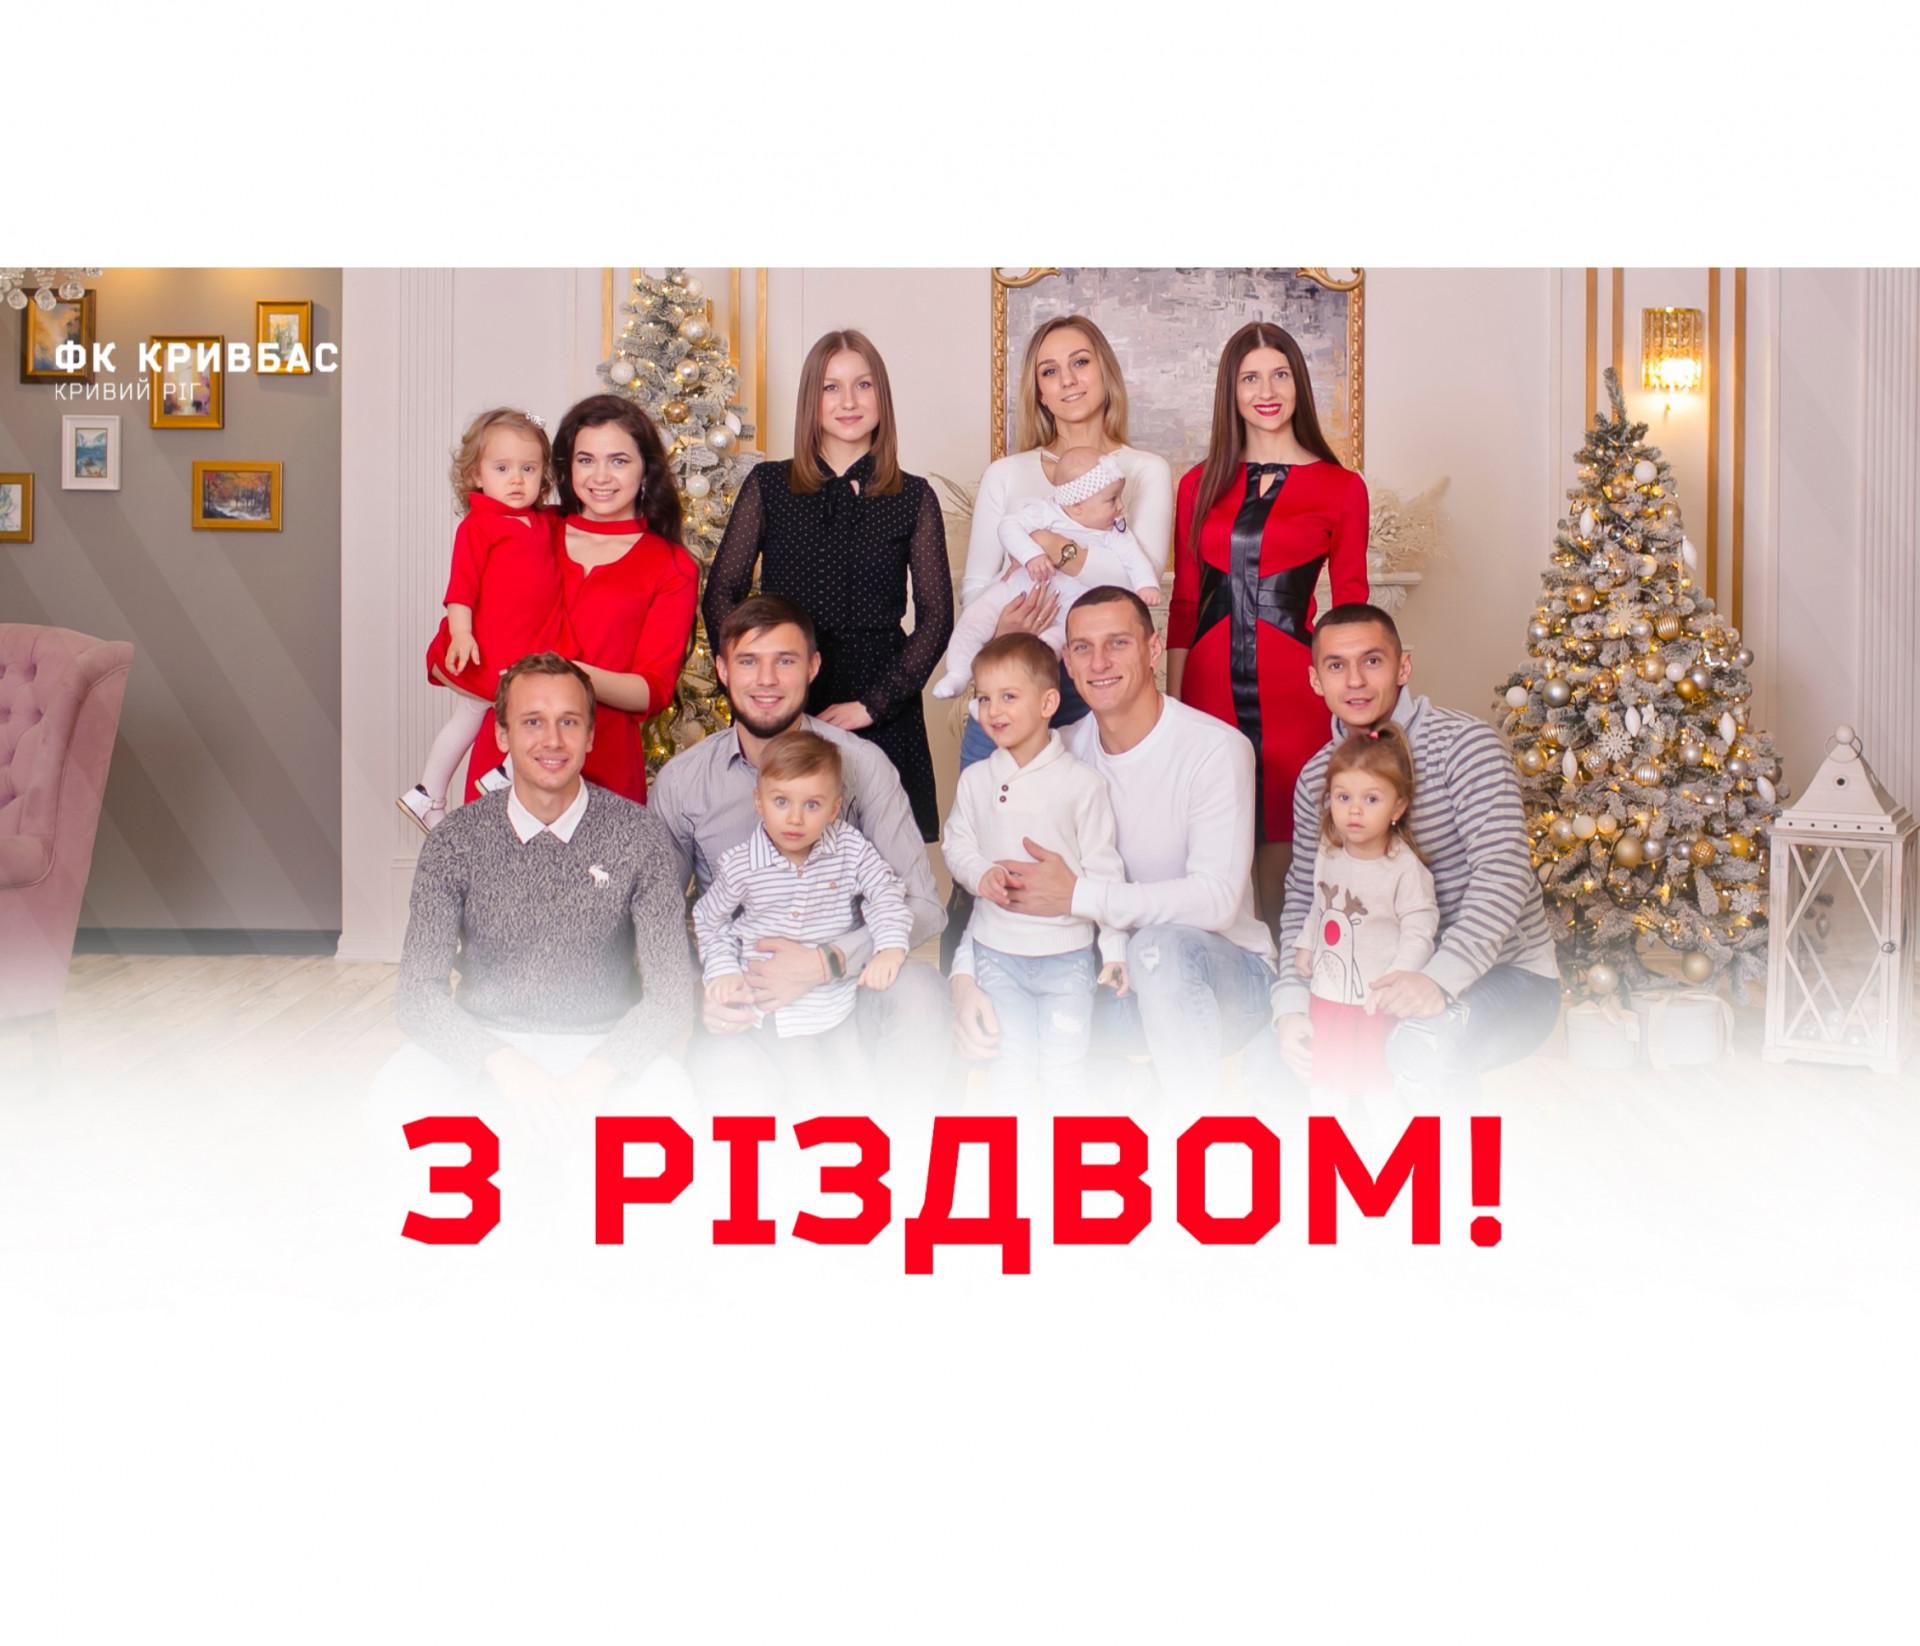 """ФК """"Кривбас"""" вітає з Різдвом!}"""